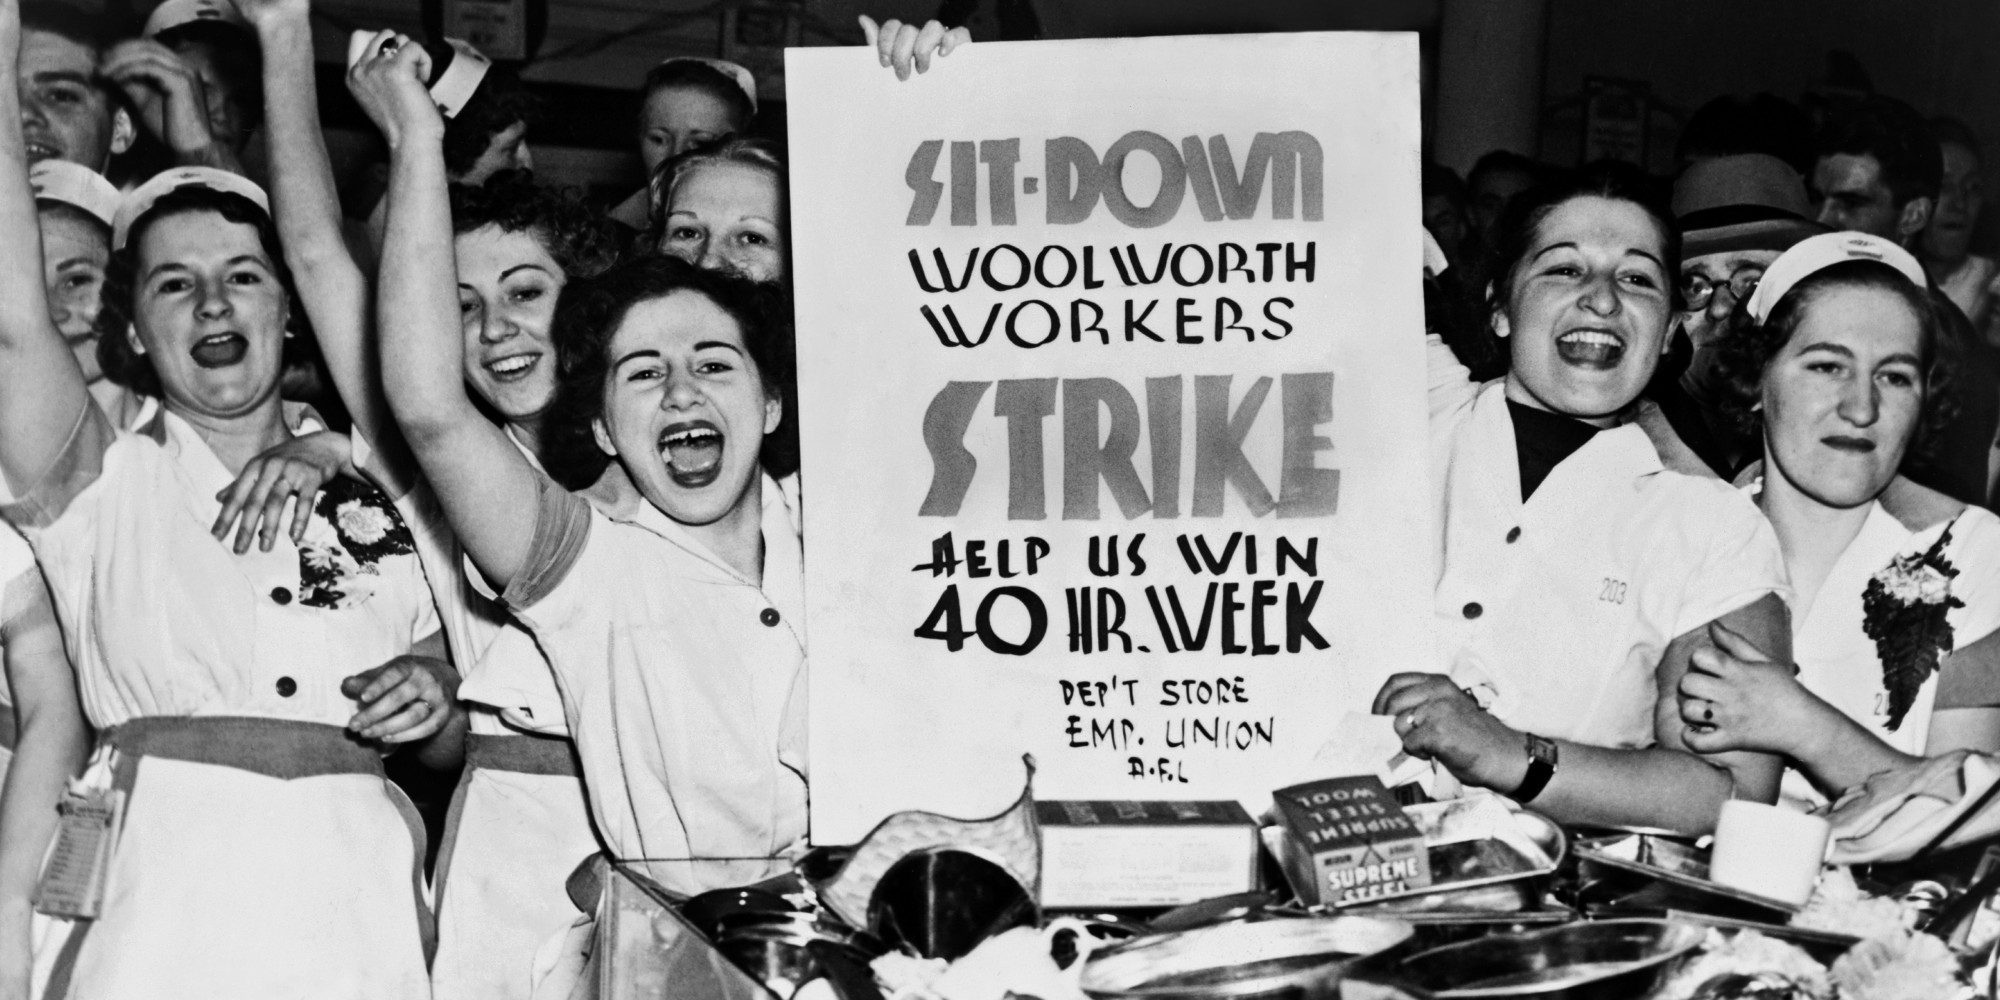 Woolworth Workers Strike